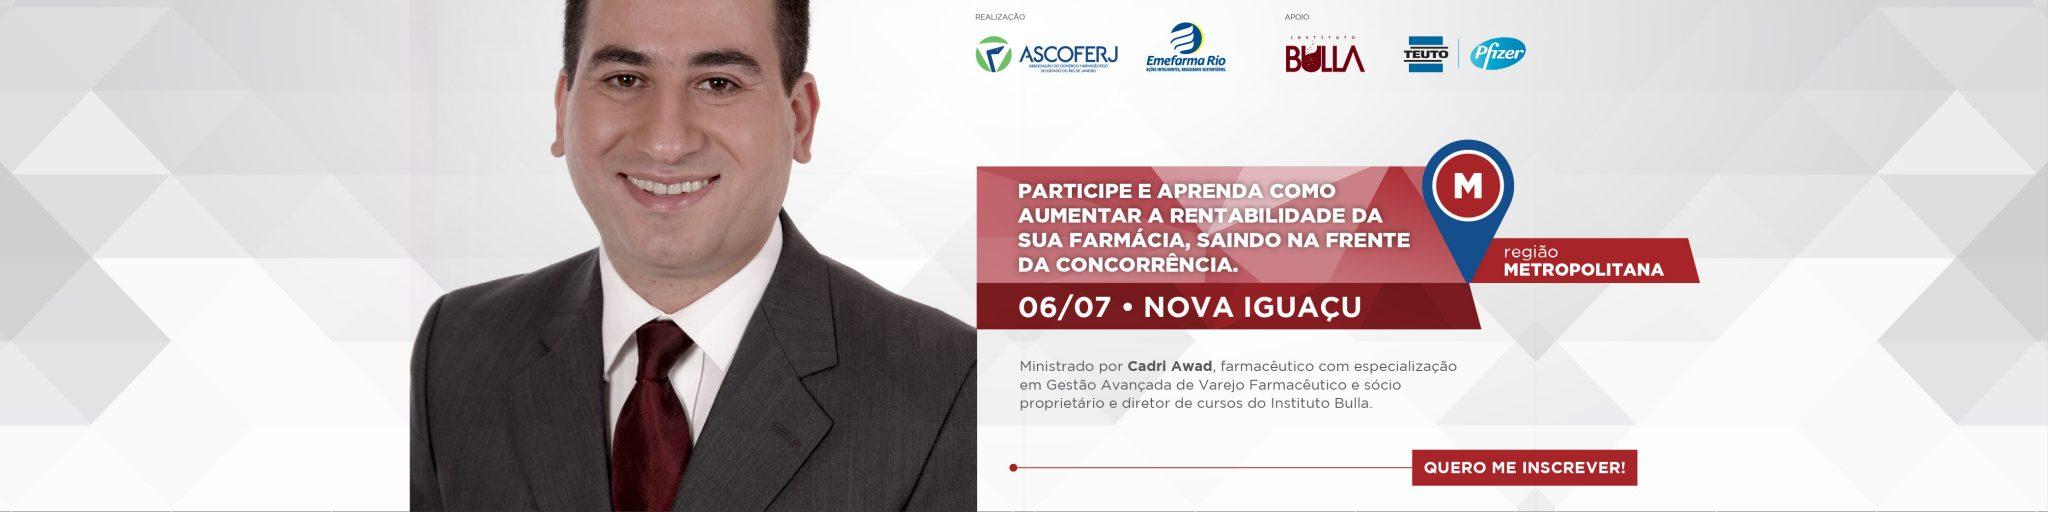 2017_05_30_Ascoferj_Rentabilidade_Banner_NovaIguacu